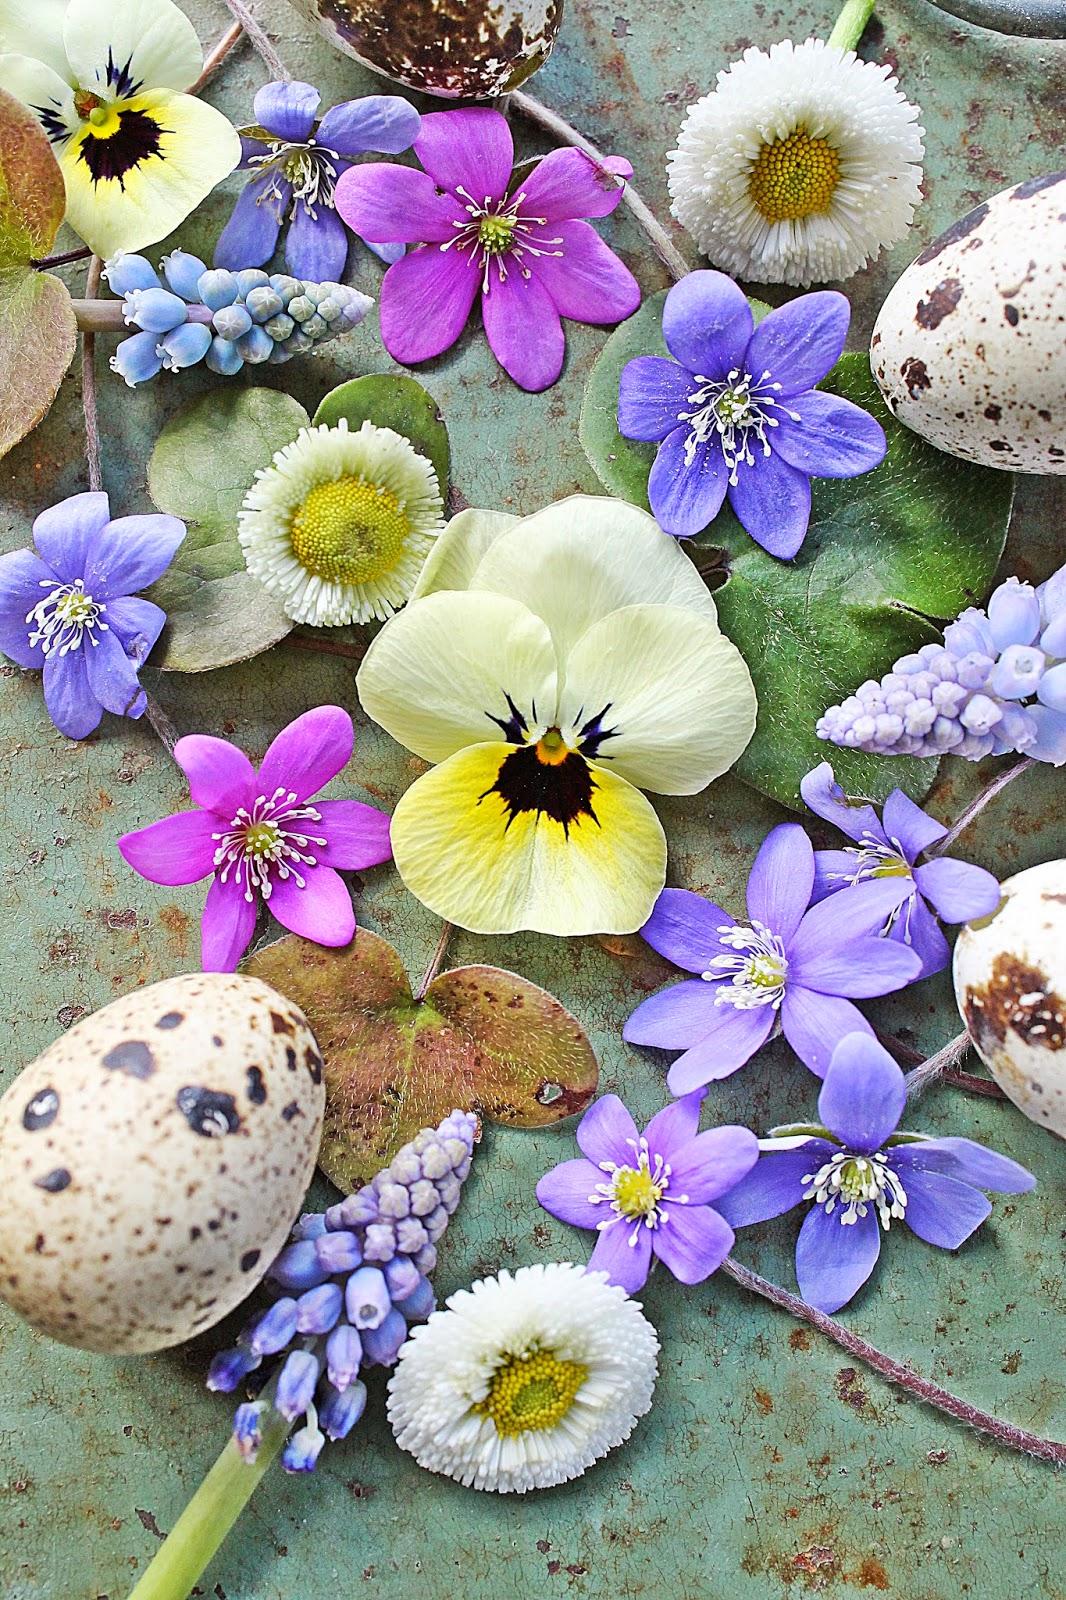 dekor/vesennie-cvety-k-pashe-foto-24.jpg